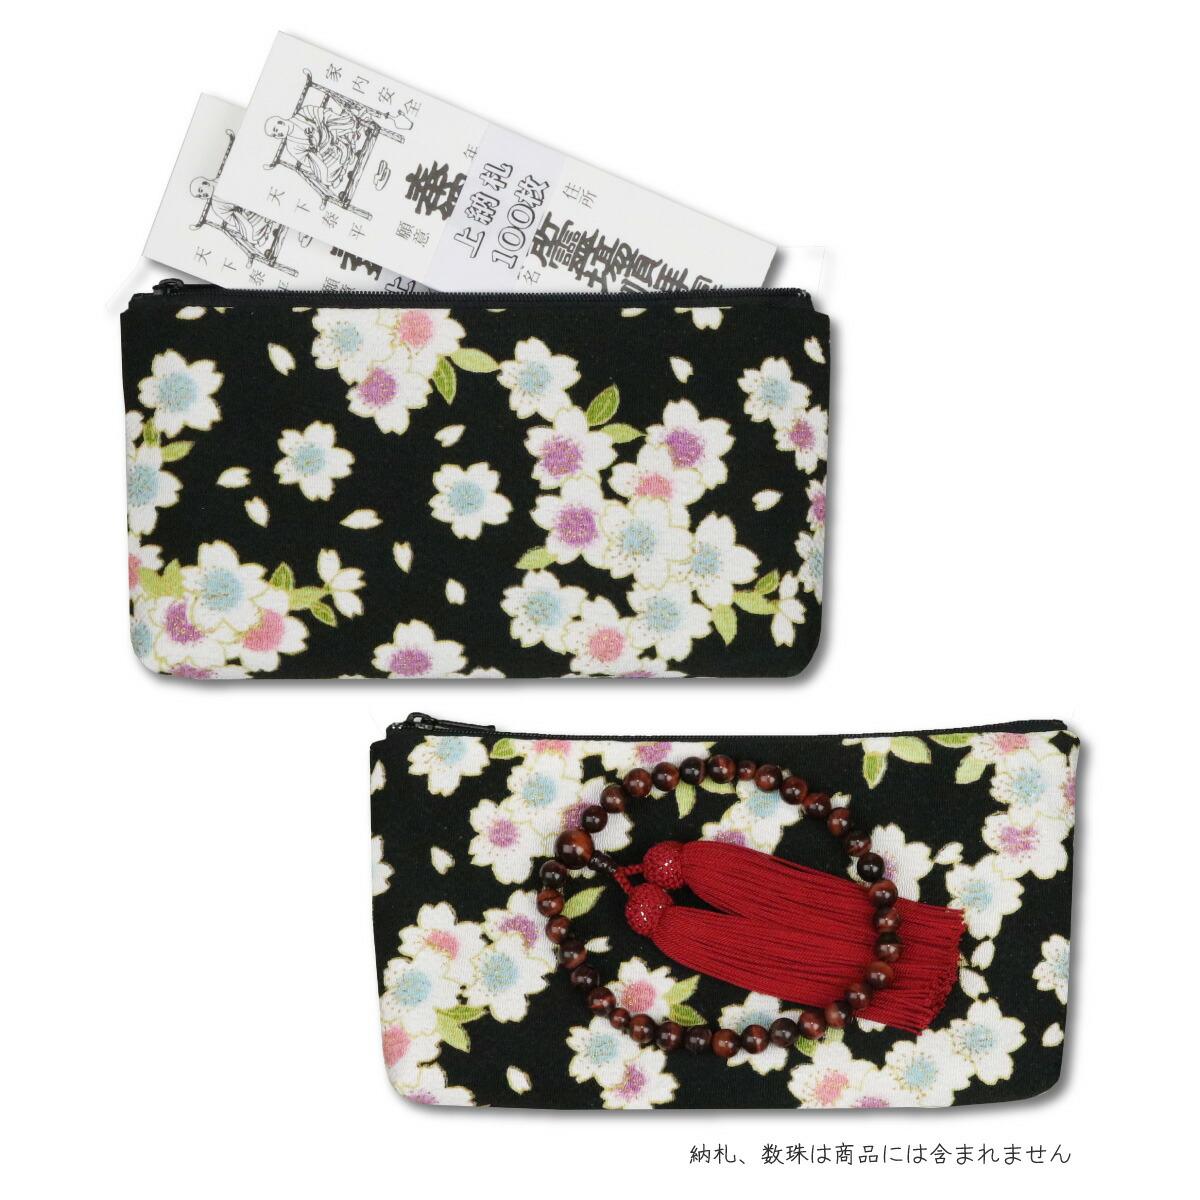 ポーチ 小サイズ 三色桜